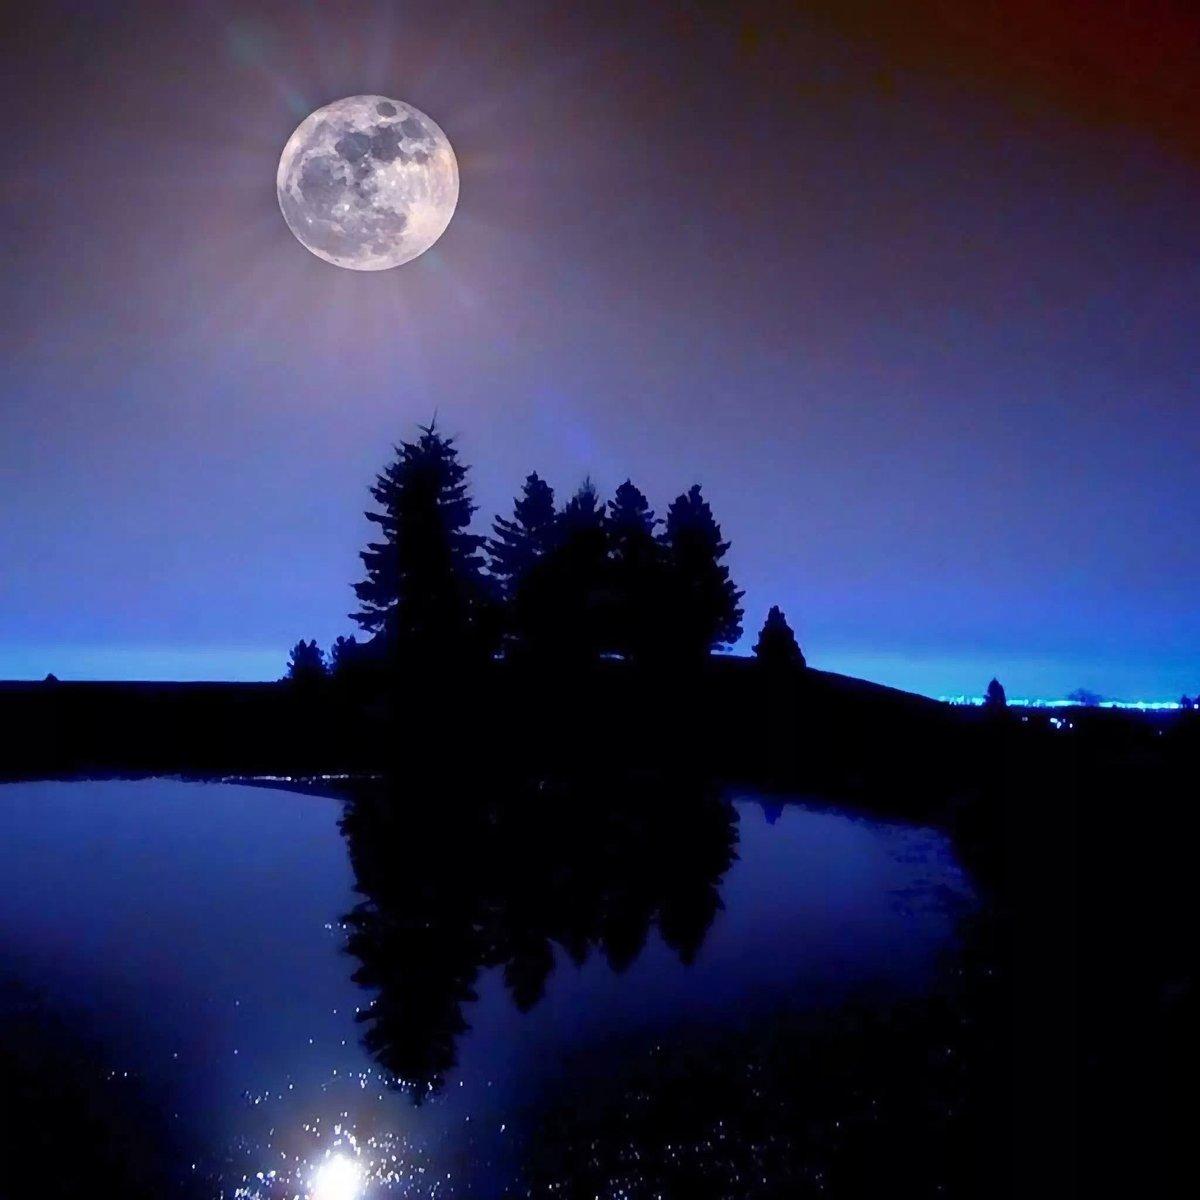 лунные вечера картинки какие